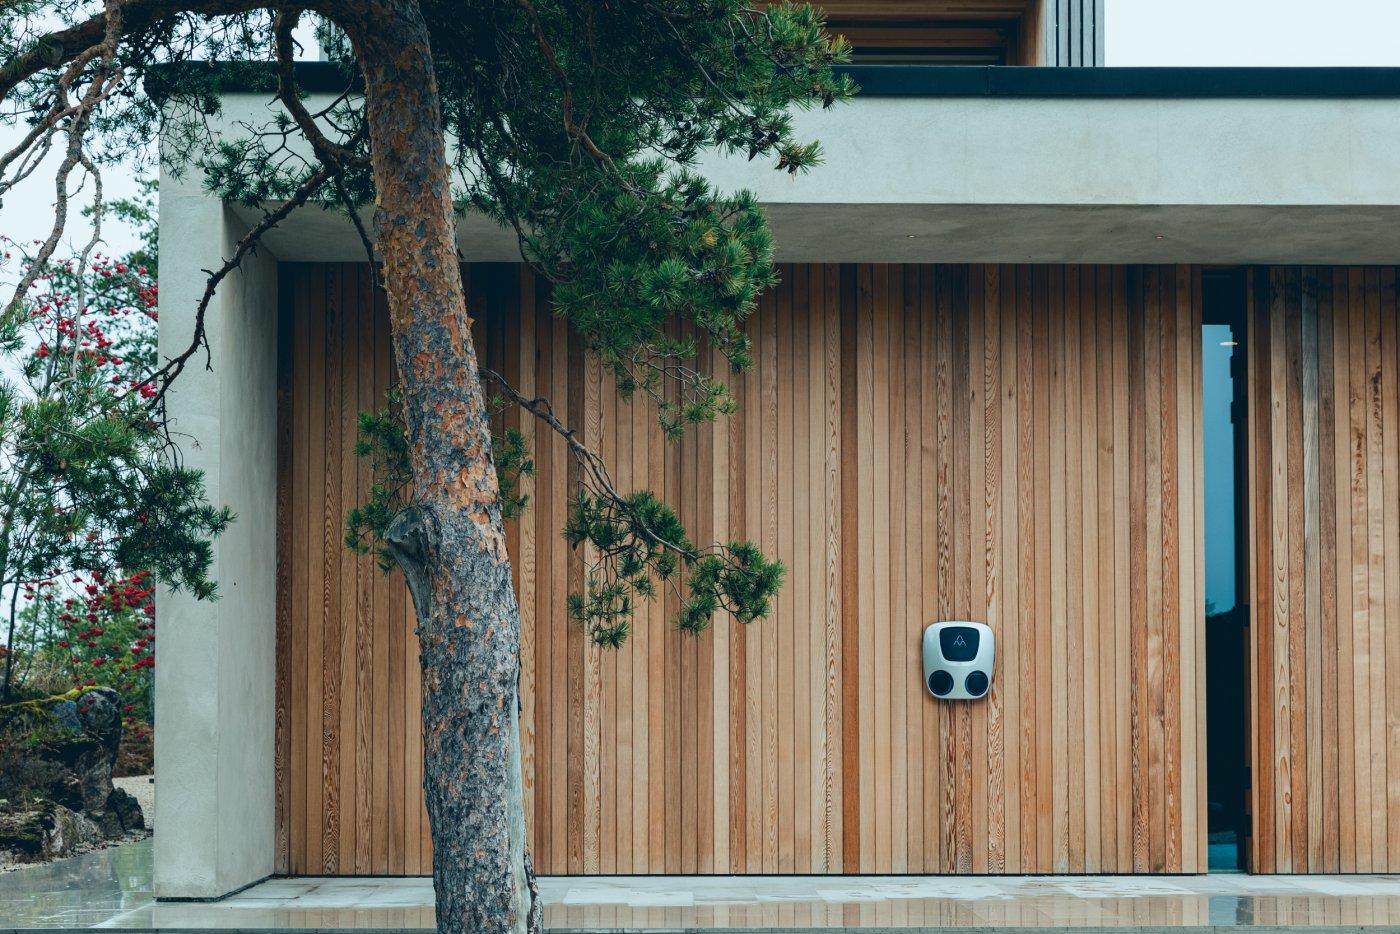 charge amps aura elbil lader på husvegg